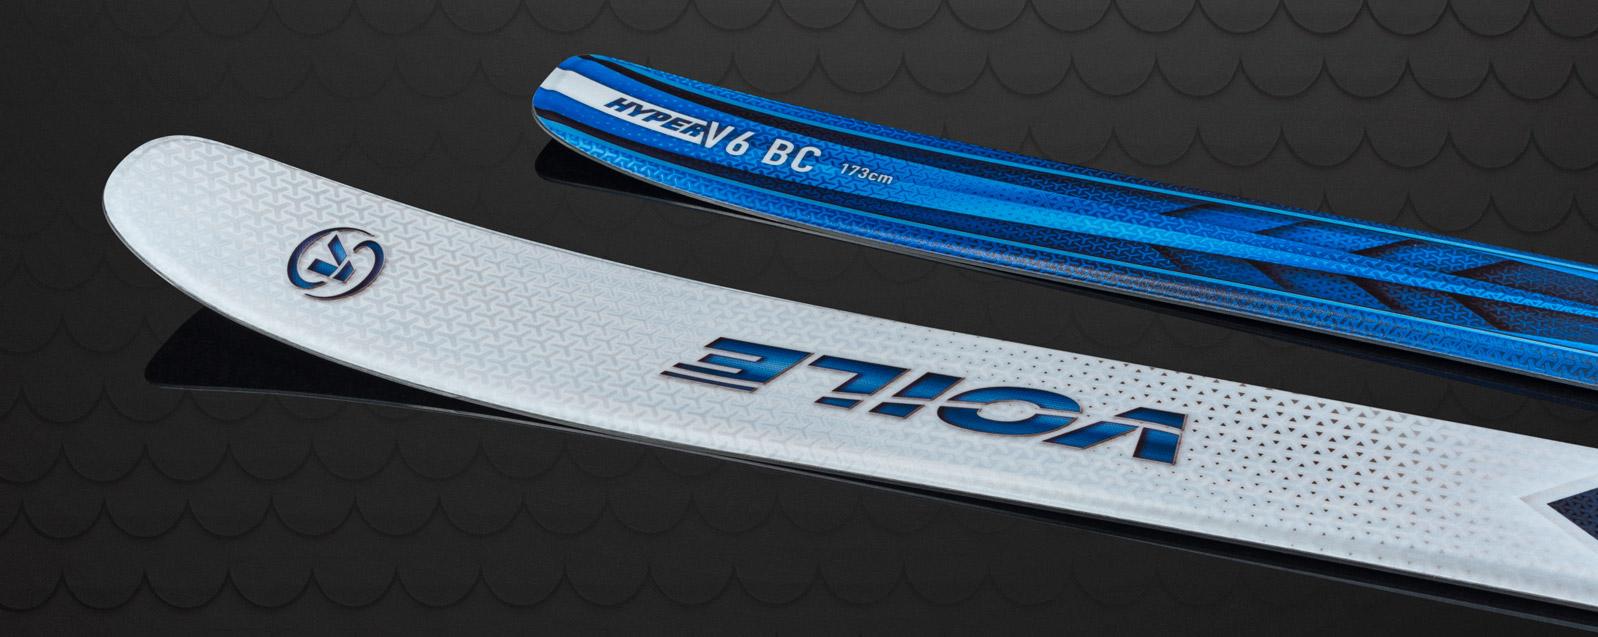 Voile Hyper V6 BC Skis